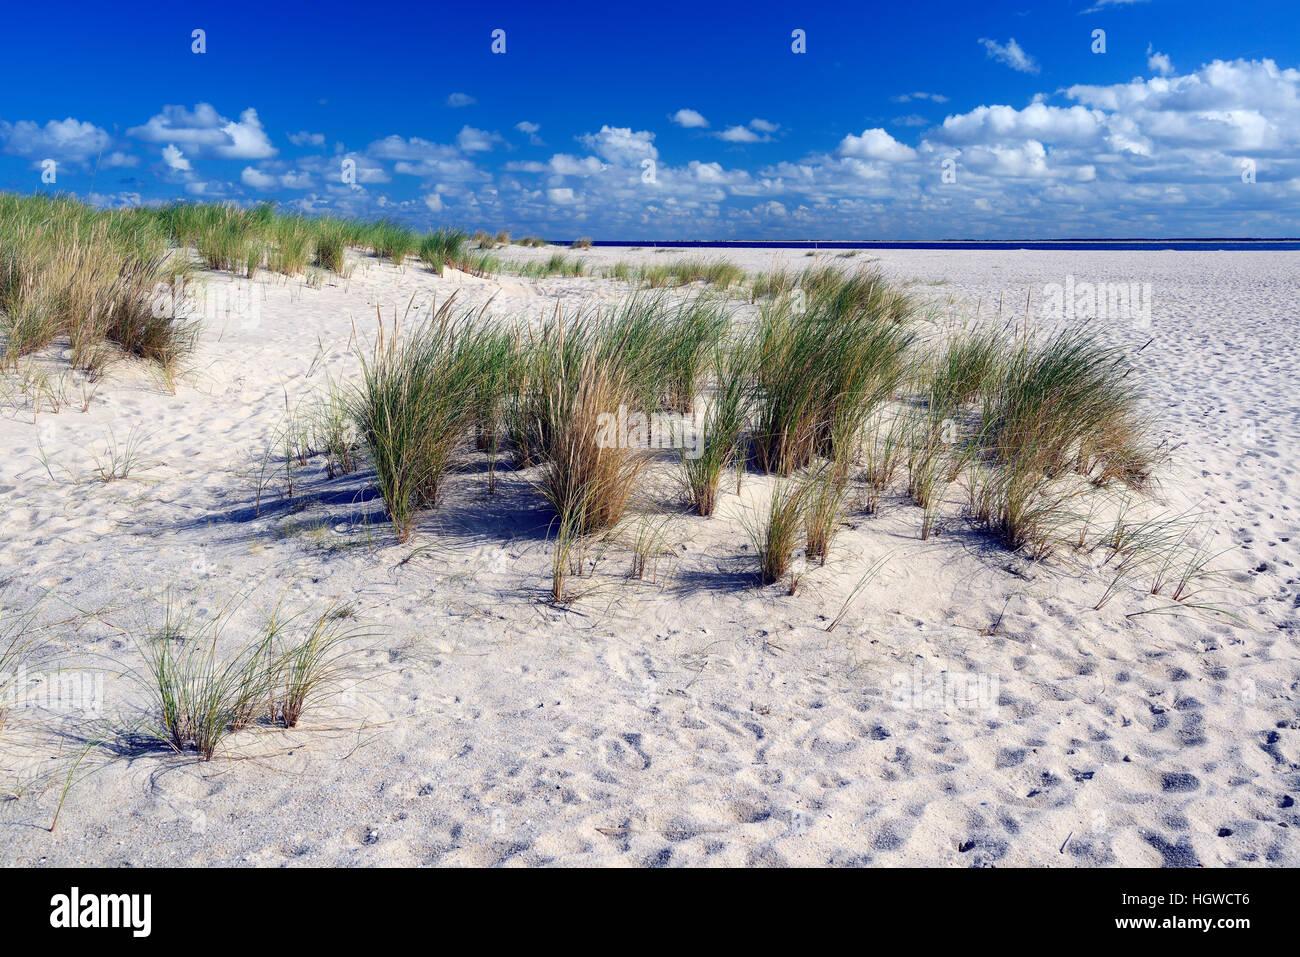 Duenen am Ellenbogen, List, Sylt, nordfriesische Inseln, Nordfriesland, Schleswig-Holstein, Deutschland - Stock Image